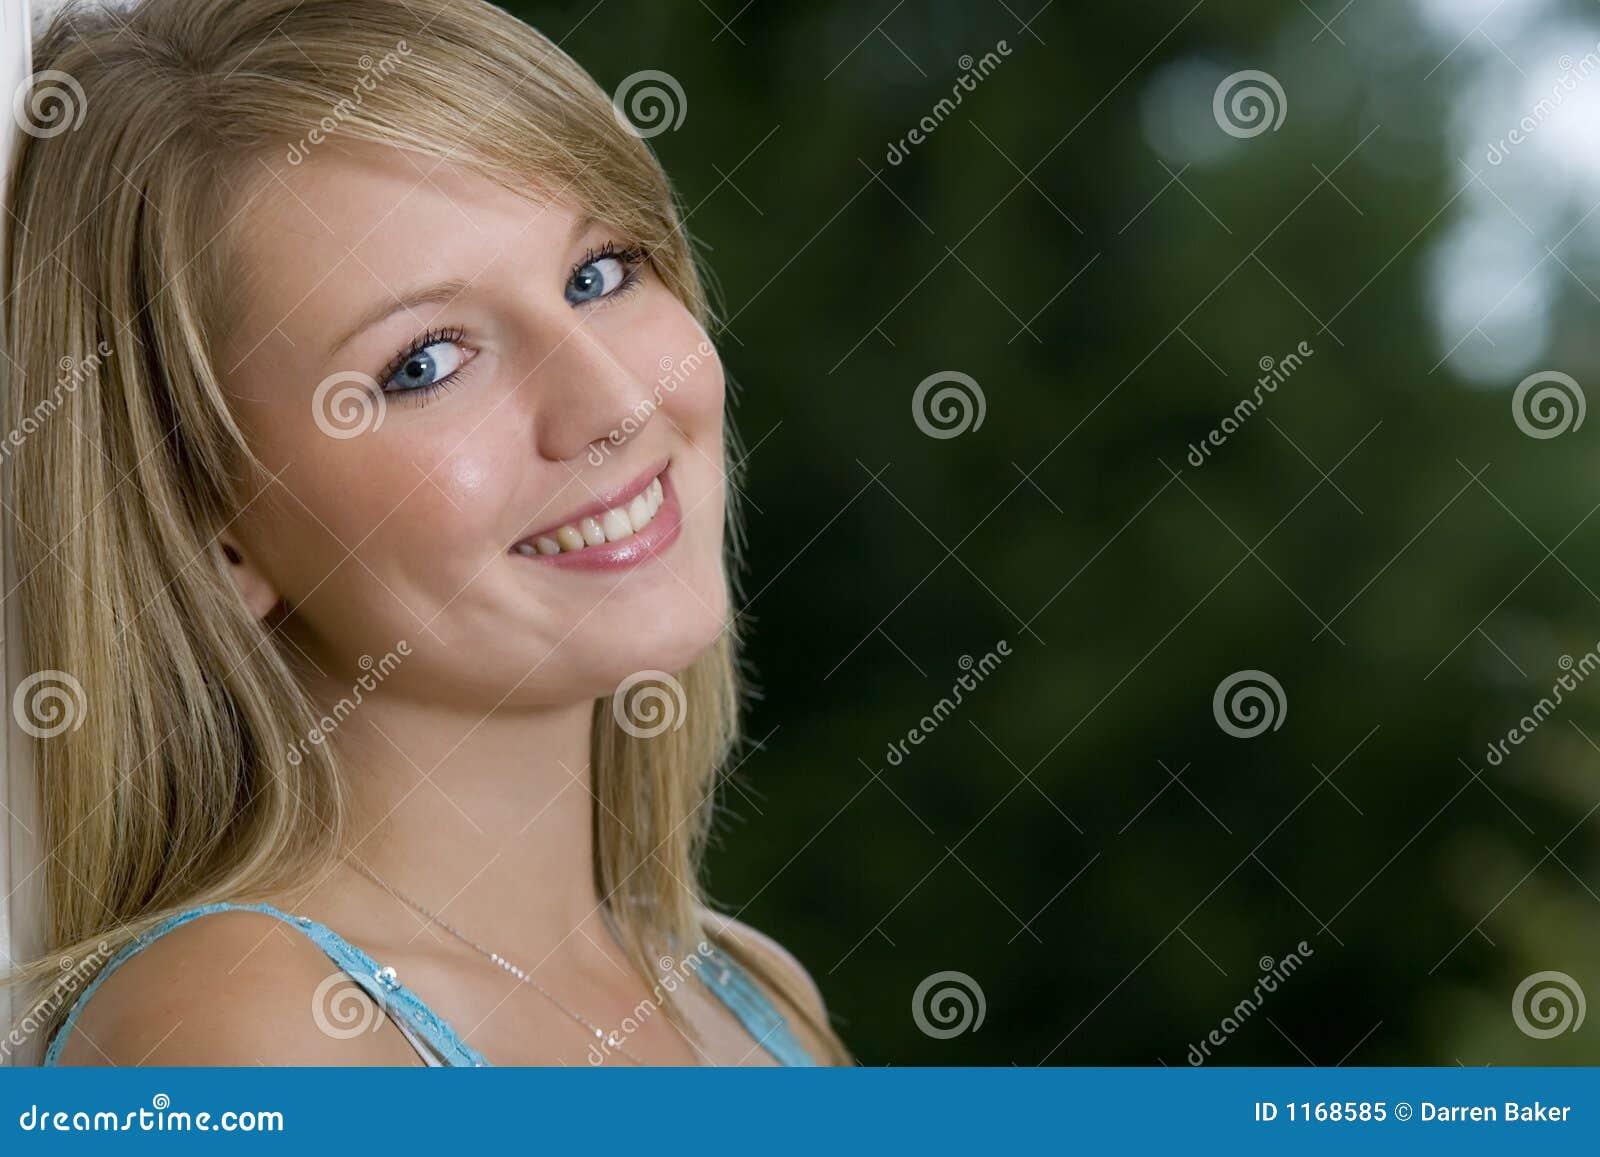 Blondes Haar Blaue Augen Stockbild Bild Von Weiblich 1168585